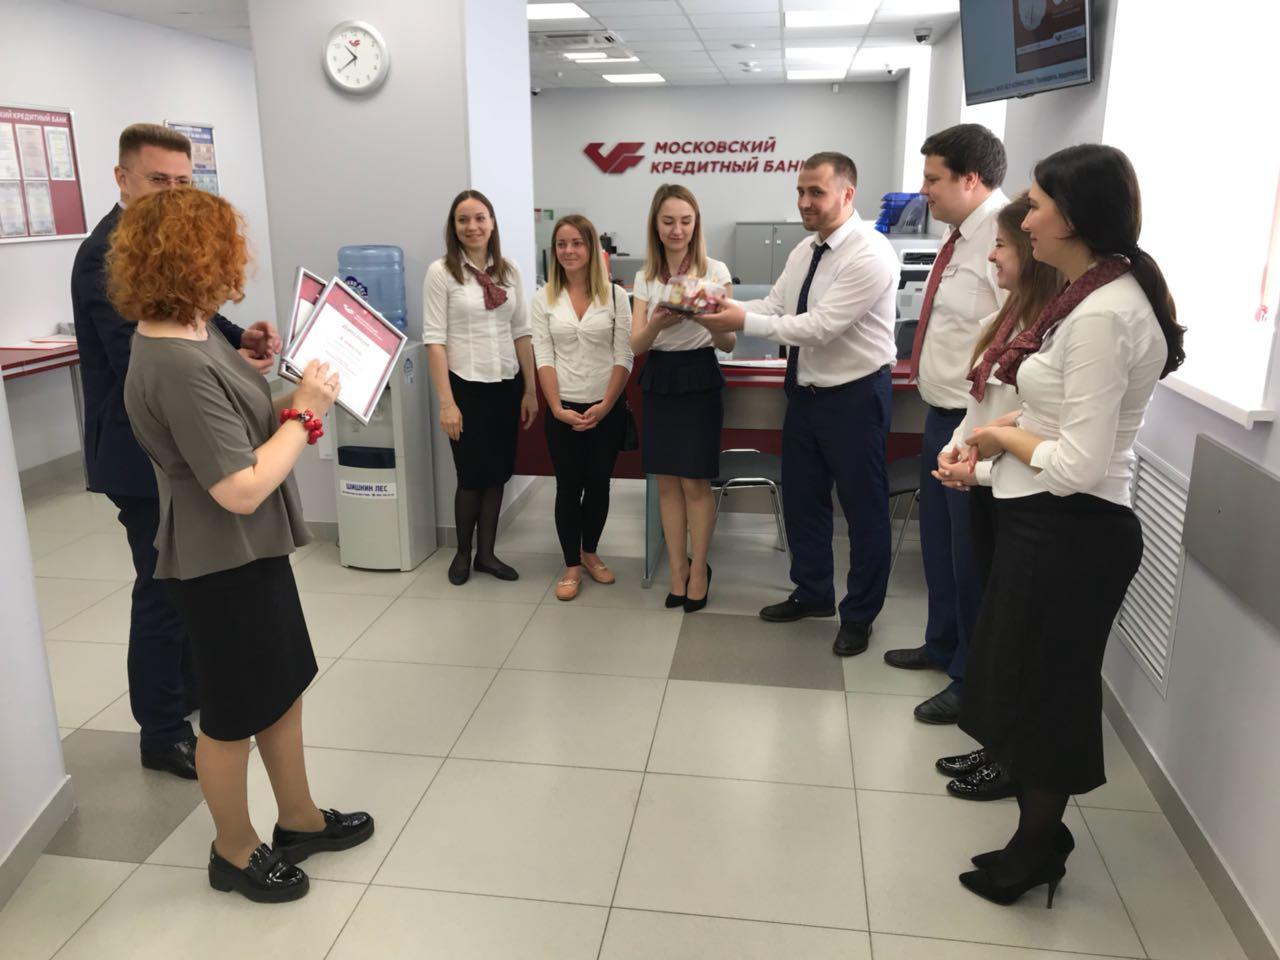 московский кредитный банк войковская можно ли отказаться от ипотечного кредита